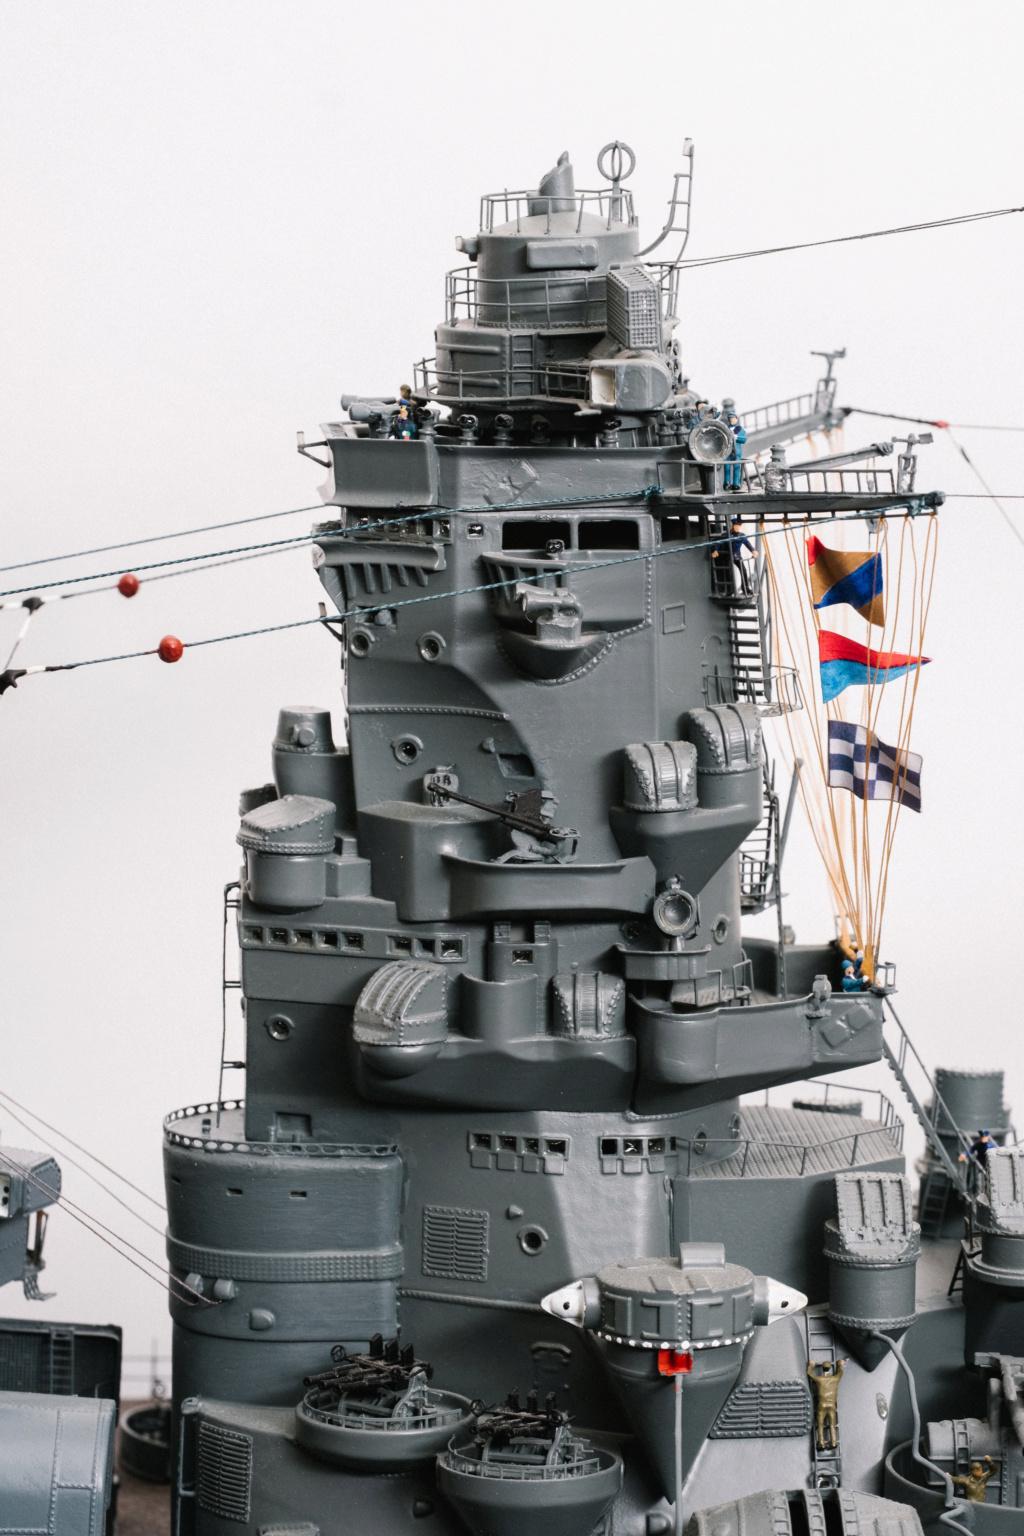 Yamato, un jour de janvier 1945 Modèle RC au 1/150 dans sa vitrine d'exposition - Page 2 Yamato16